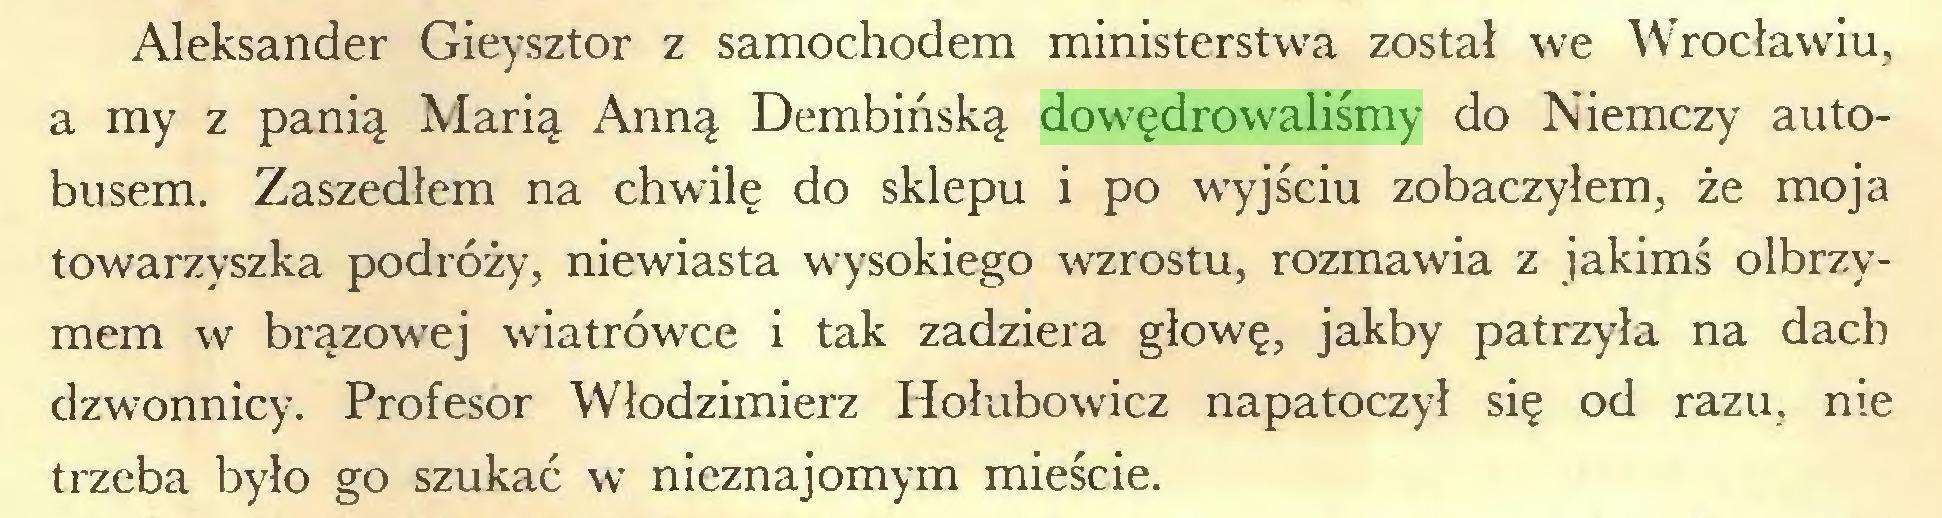 (...) Aleksander Gieysztor z samochodem ministerstwa został we Wrocławiu, a my z panią Marią Anną Dembińską dowędrowaliśmy do Niemczy autobusem. Zaszedłem na chwilę do sklepu i po wyjściu zobaczyłem, że moja towarzyszka podróży, niewiasta wysokiego wzrostu, rozmawia z jakimś olbrzymem w brązowej wiatrówce i tak zadziera głowę, jakby patrzyła na dach dzwonnicy. Profesor Włodzimierz Hołubowicz napatoczył się od razu, nie trzeba było go szukać w nieznajomym mieście...